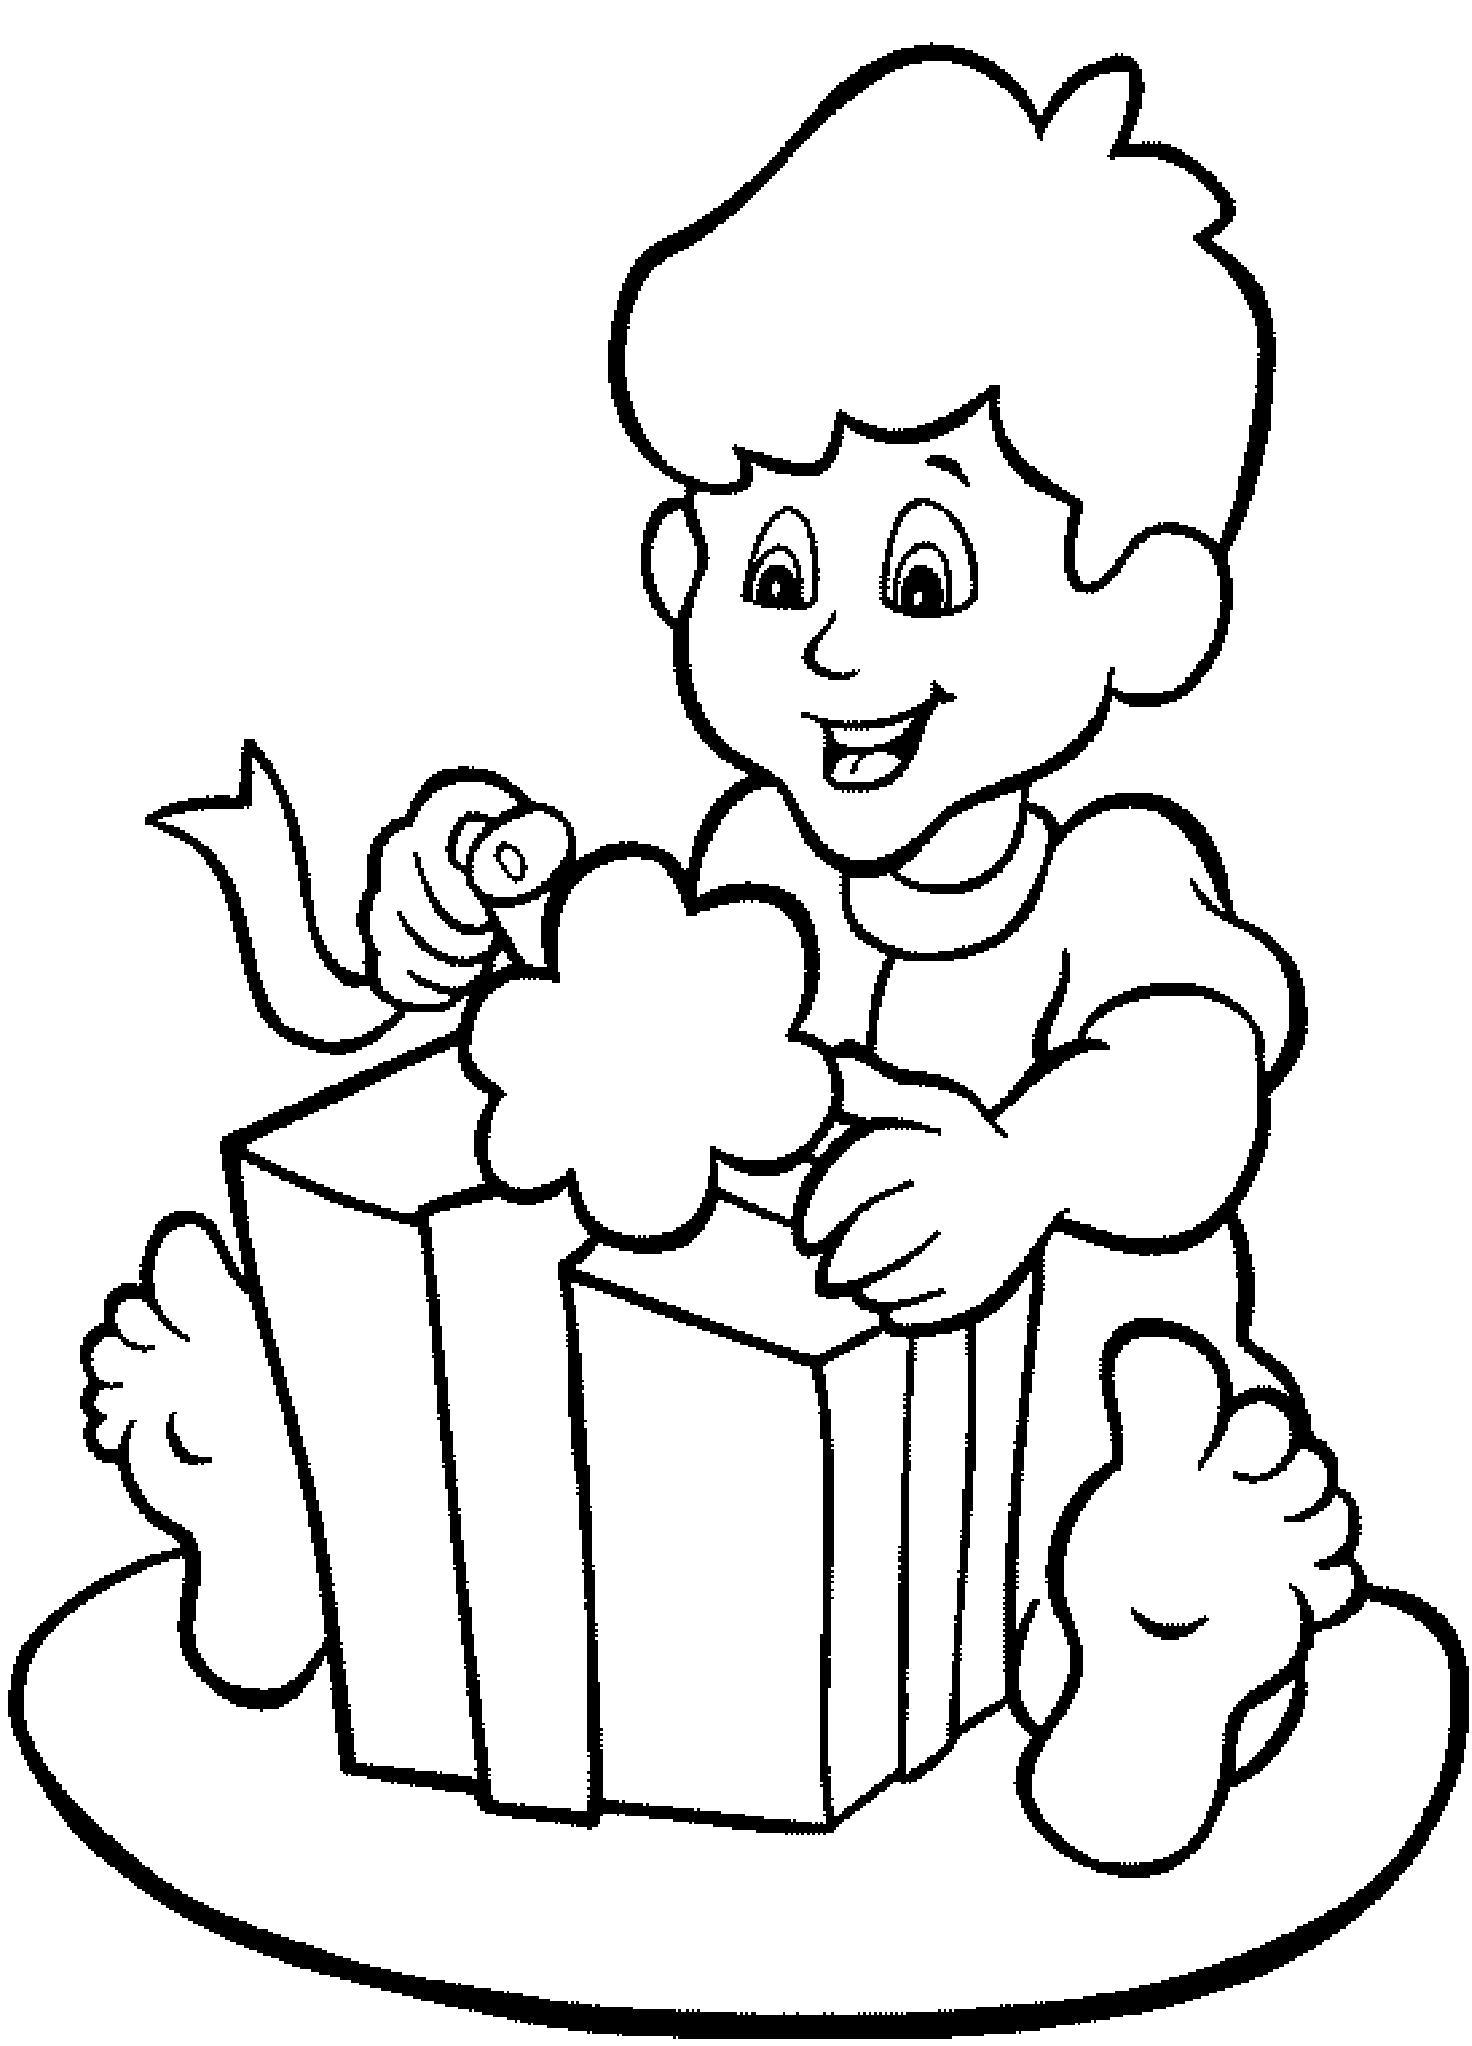 Раскраска мальчик распечатывает подарок, мальчик радуется подарку, мальчик и подарок, . Скачать День рождения.  Распечатать День рождения